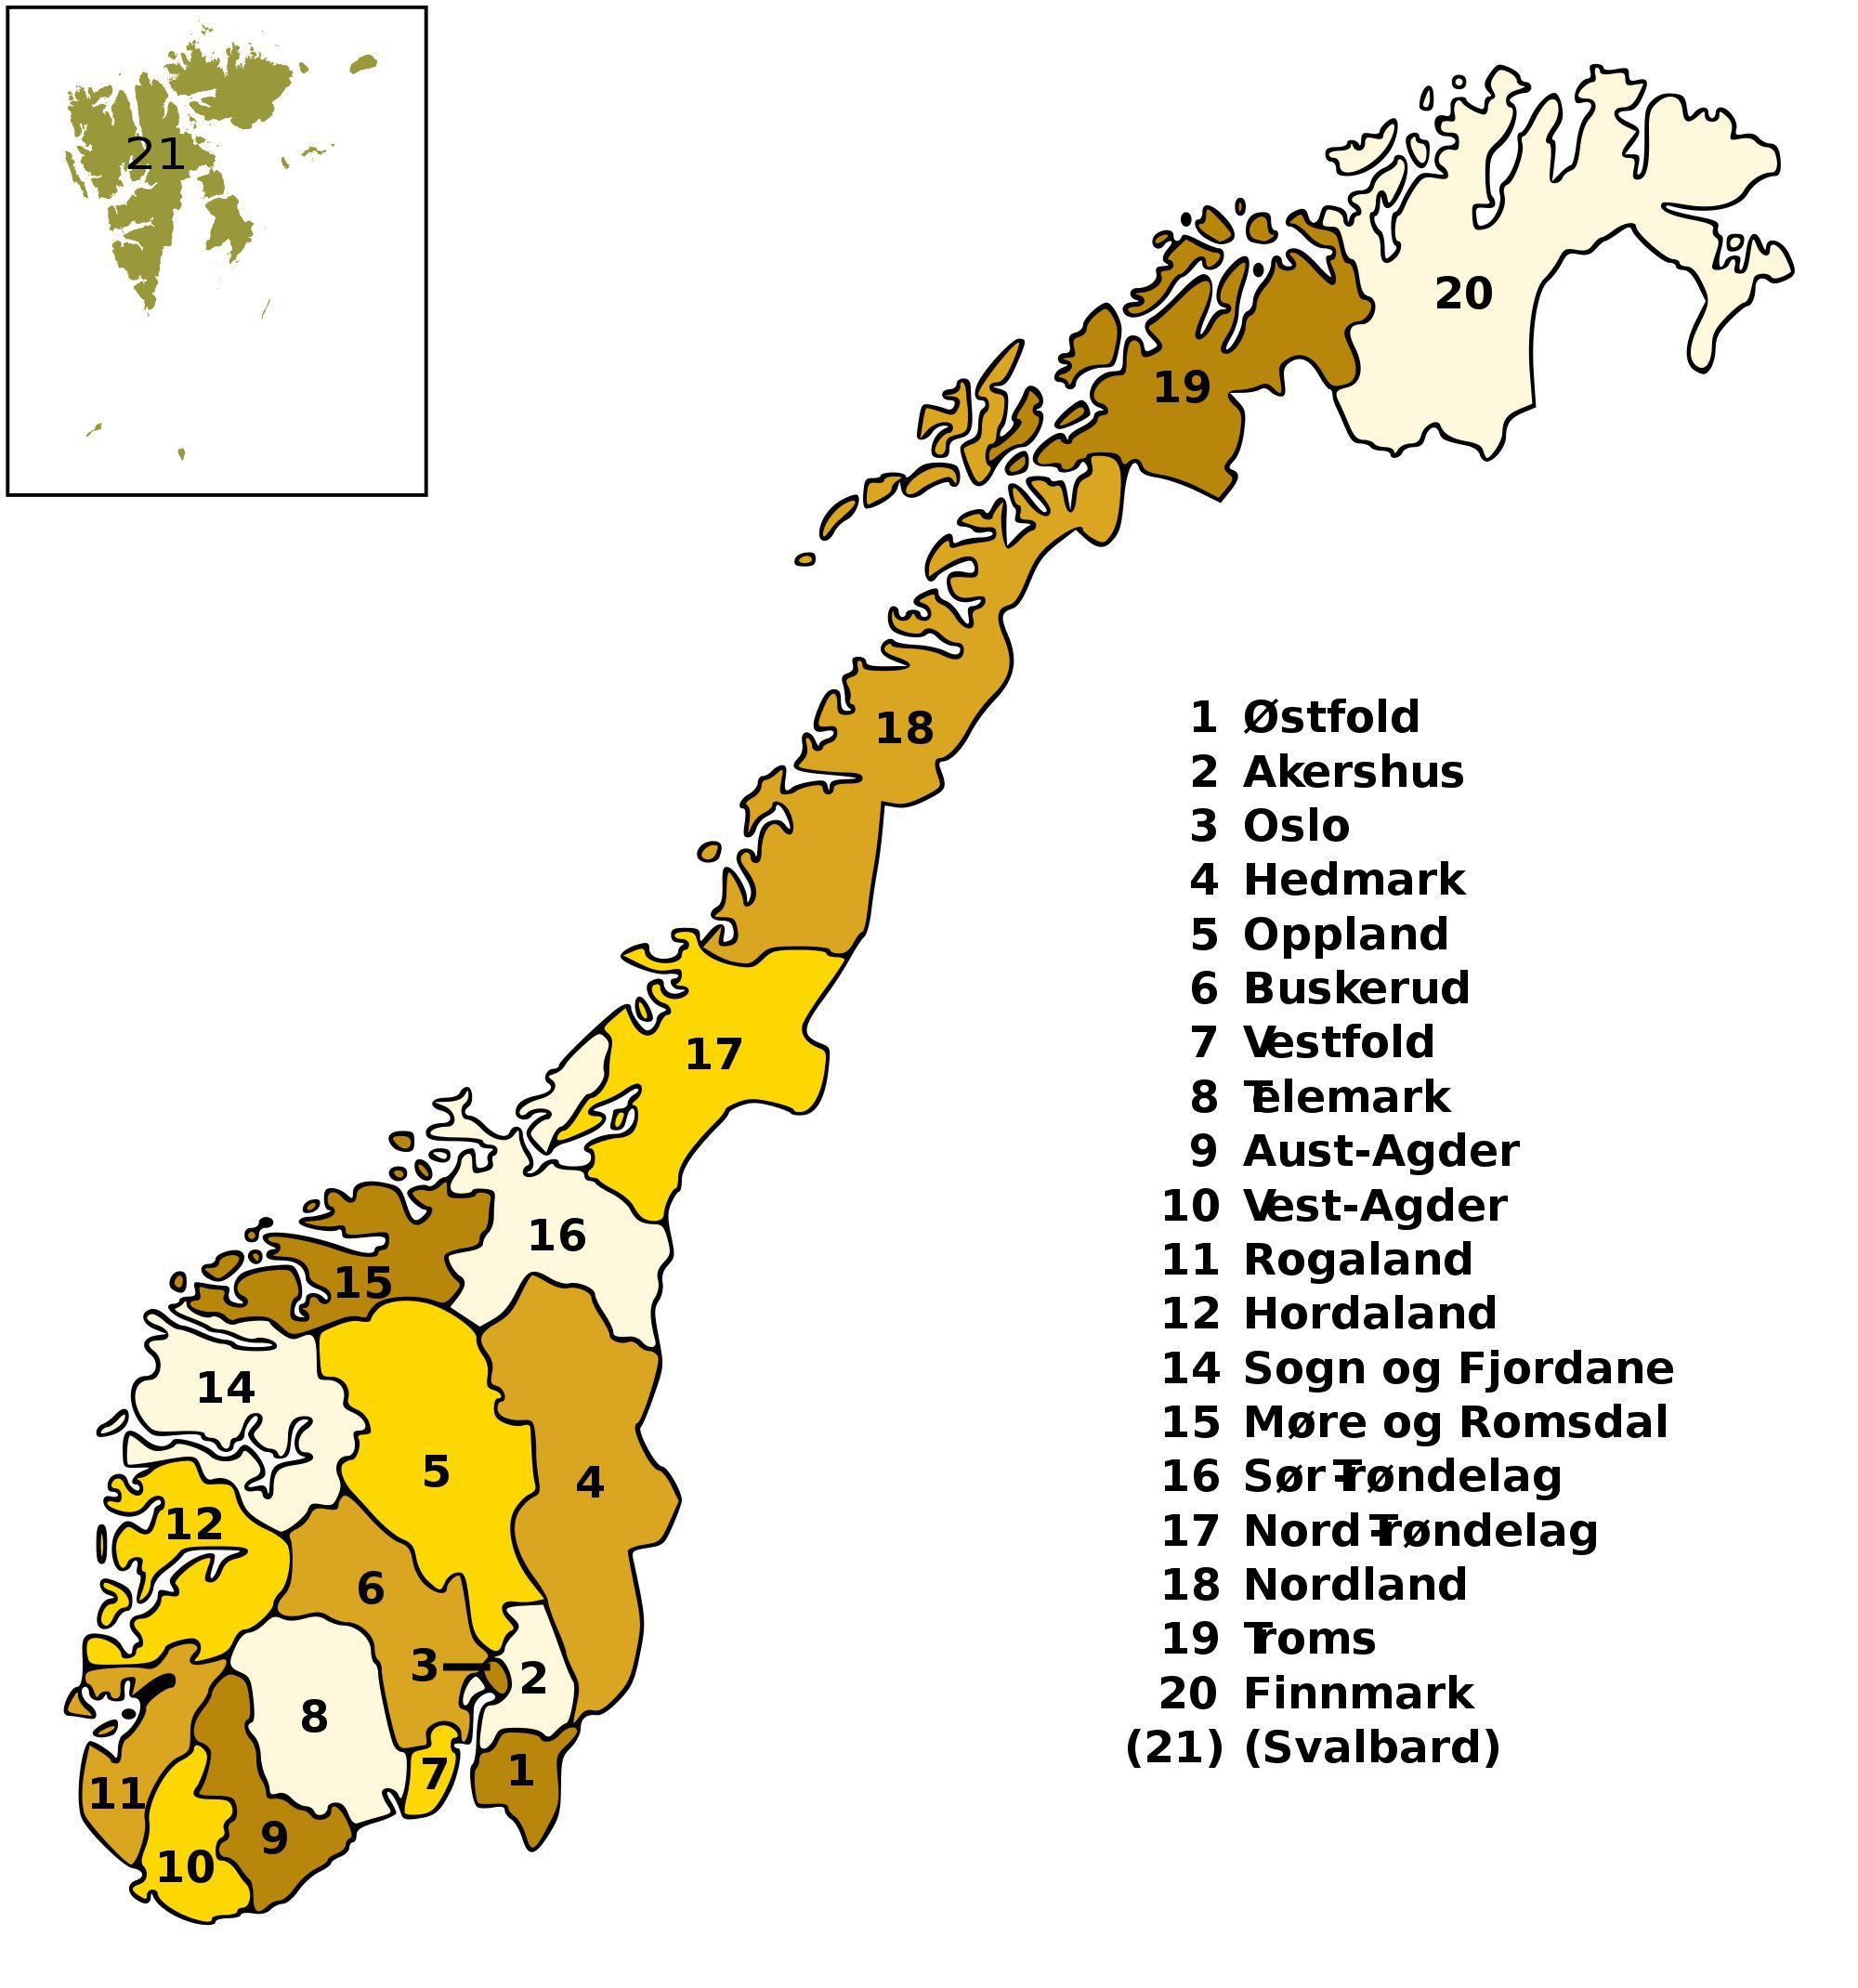 Carte des régions de Norvège